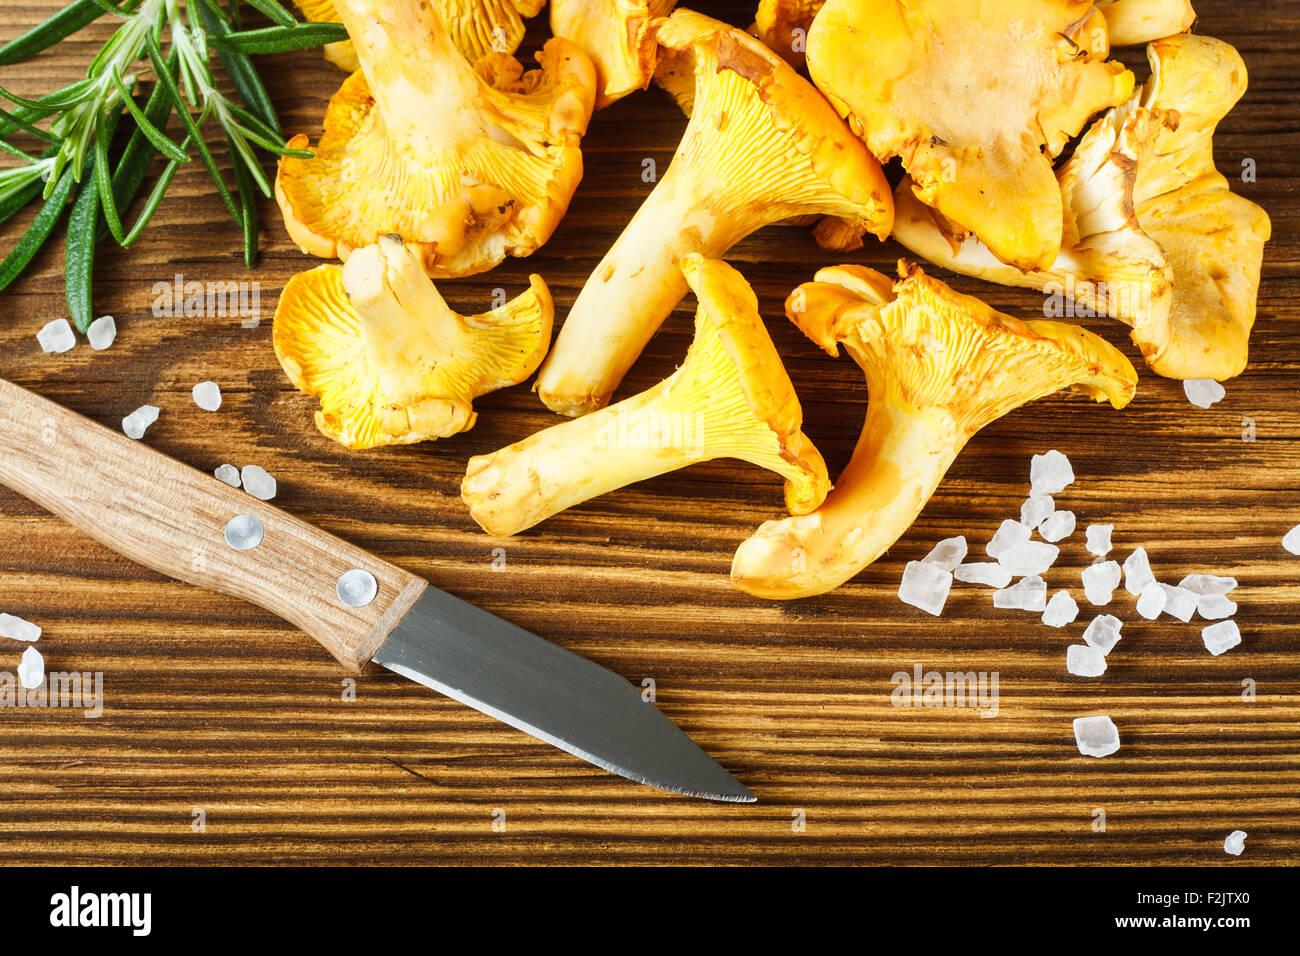 Amarillo cantarelos sobre mesa de madera Imagen De Stock